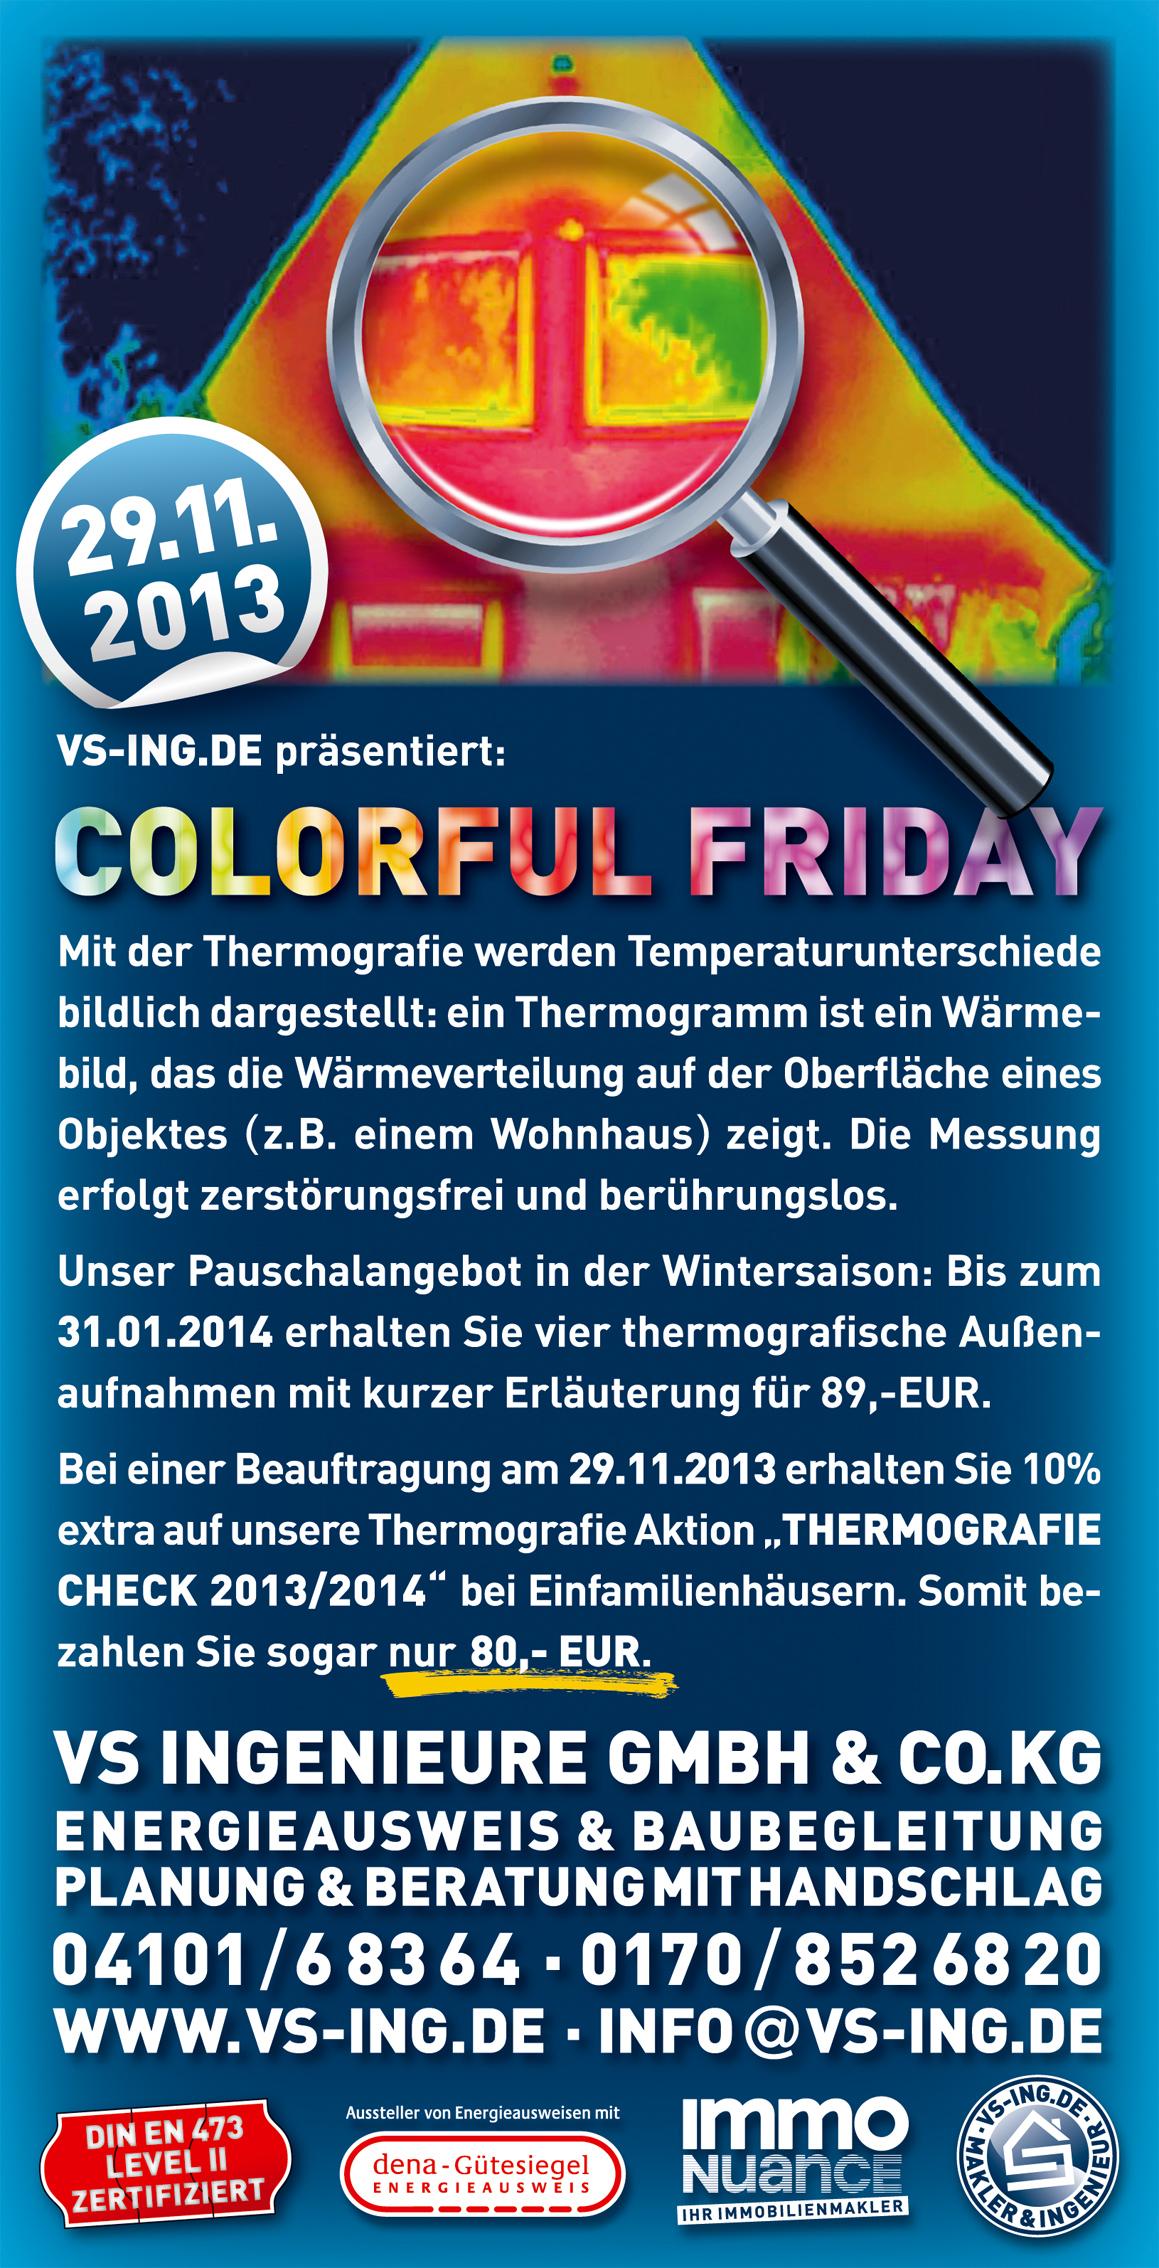 Thermografie Check Wärmebild Haus Gebäude Nergieverluste Gutachter Zertifiziert Sachverständige Thermographie